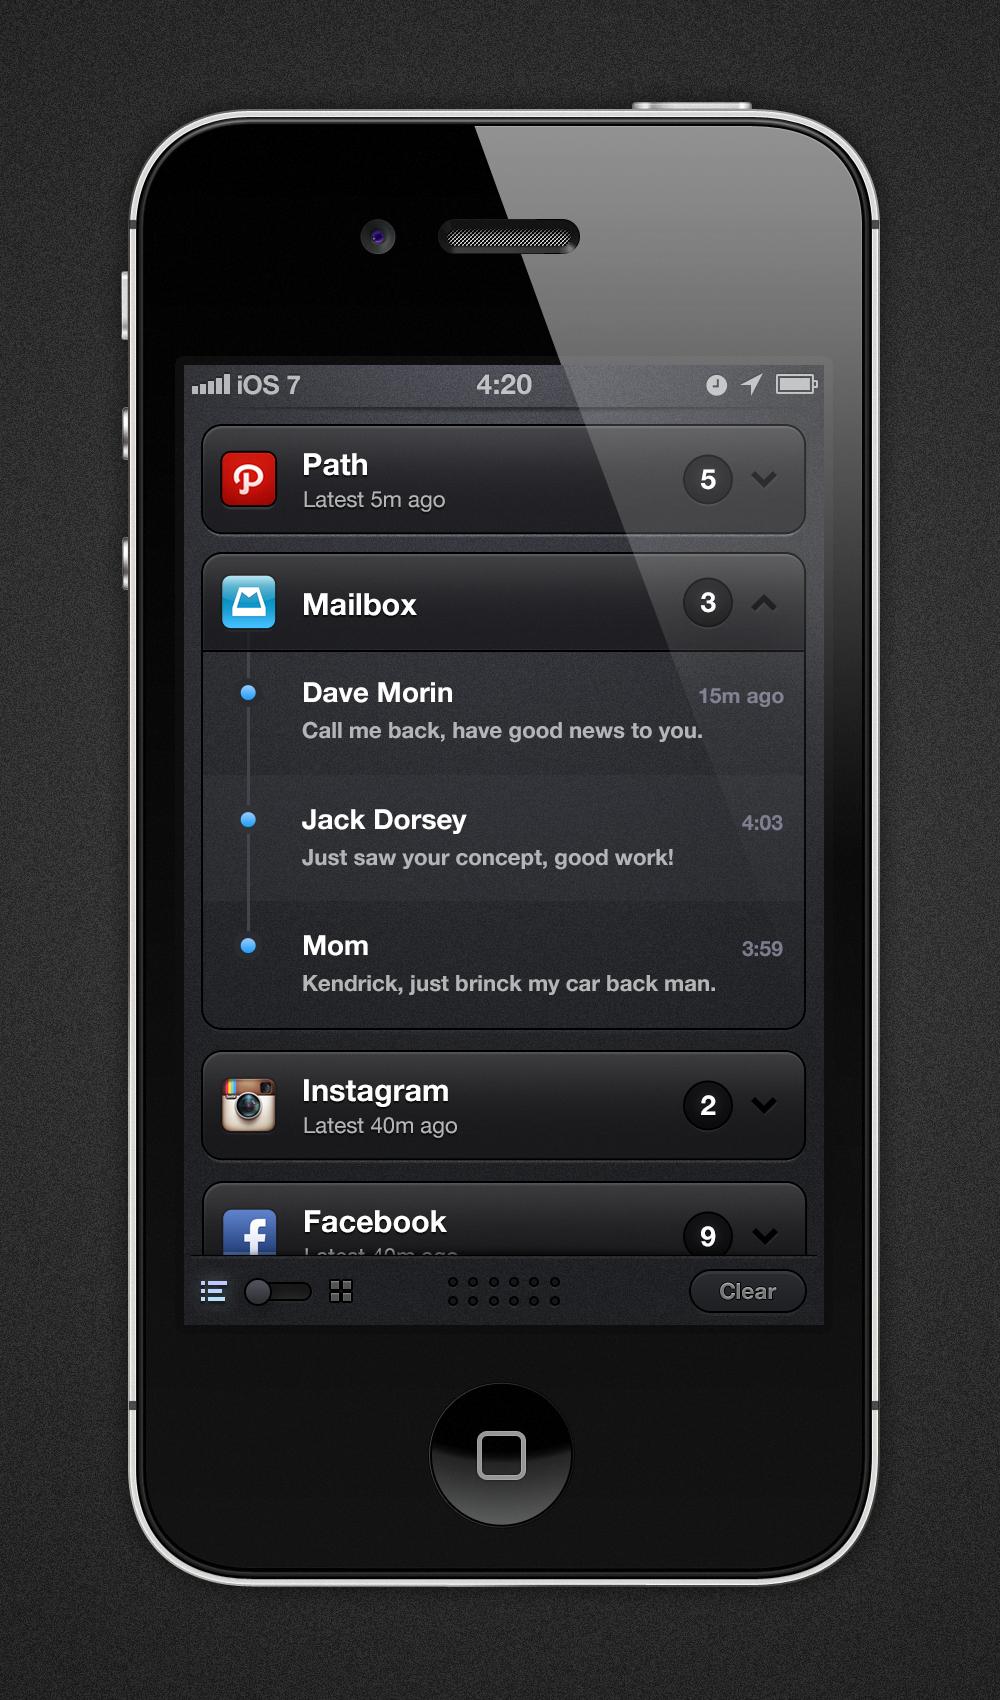 Conceito iOS 7 - Central de Notificações